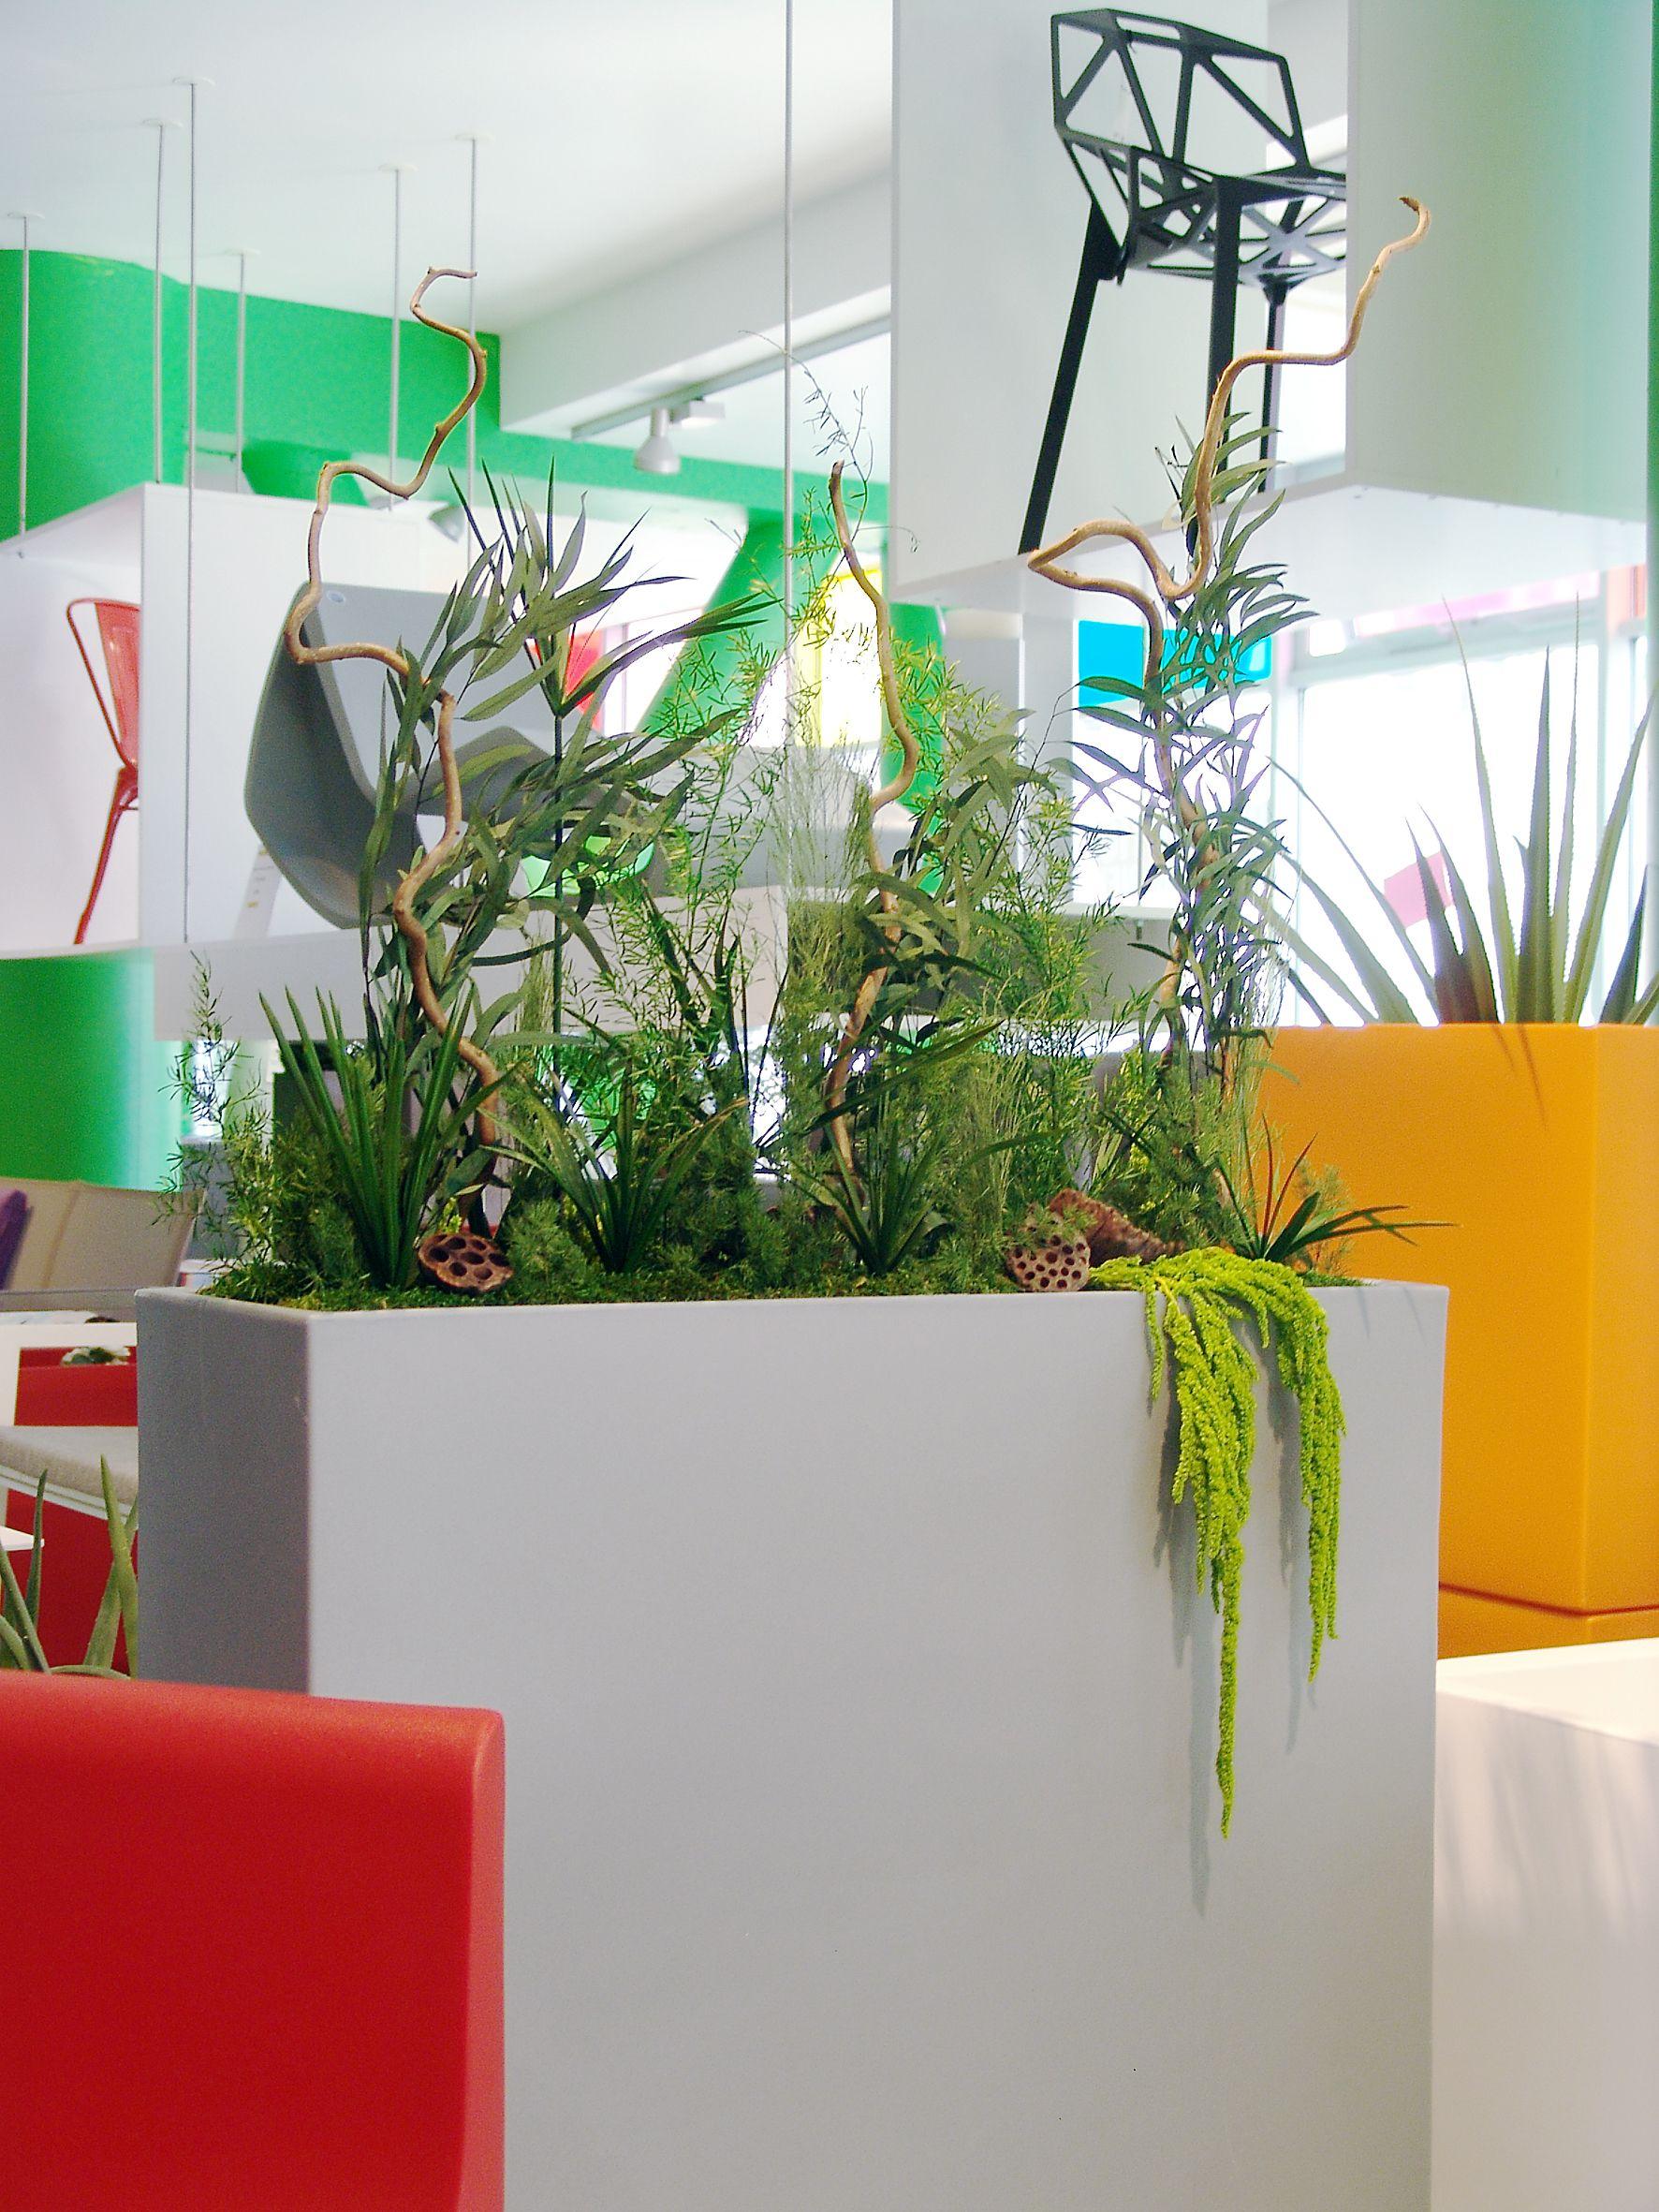 Design végétal, décoration végétale, végétaux stabilisés